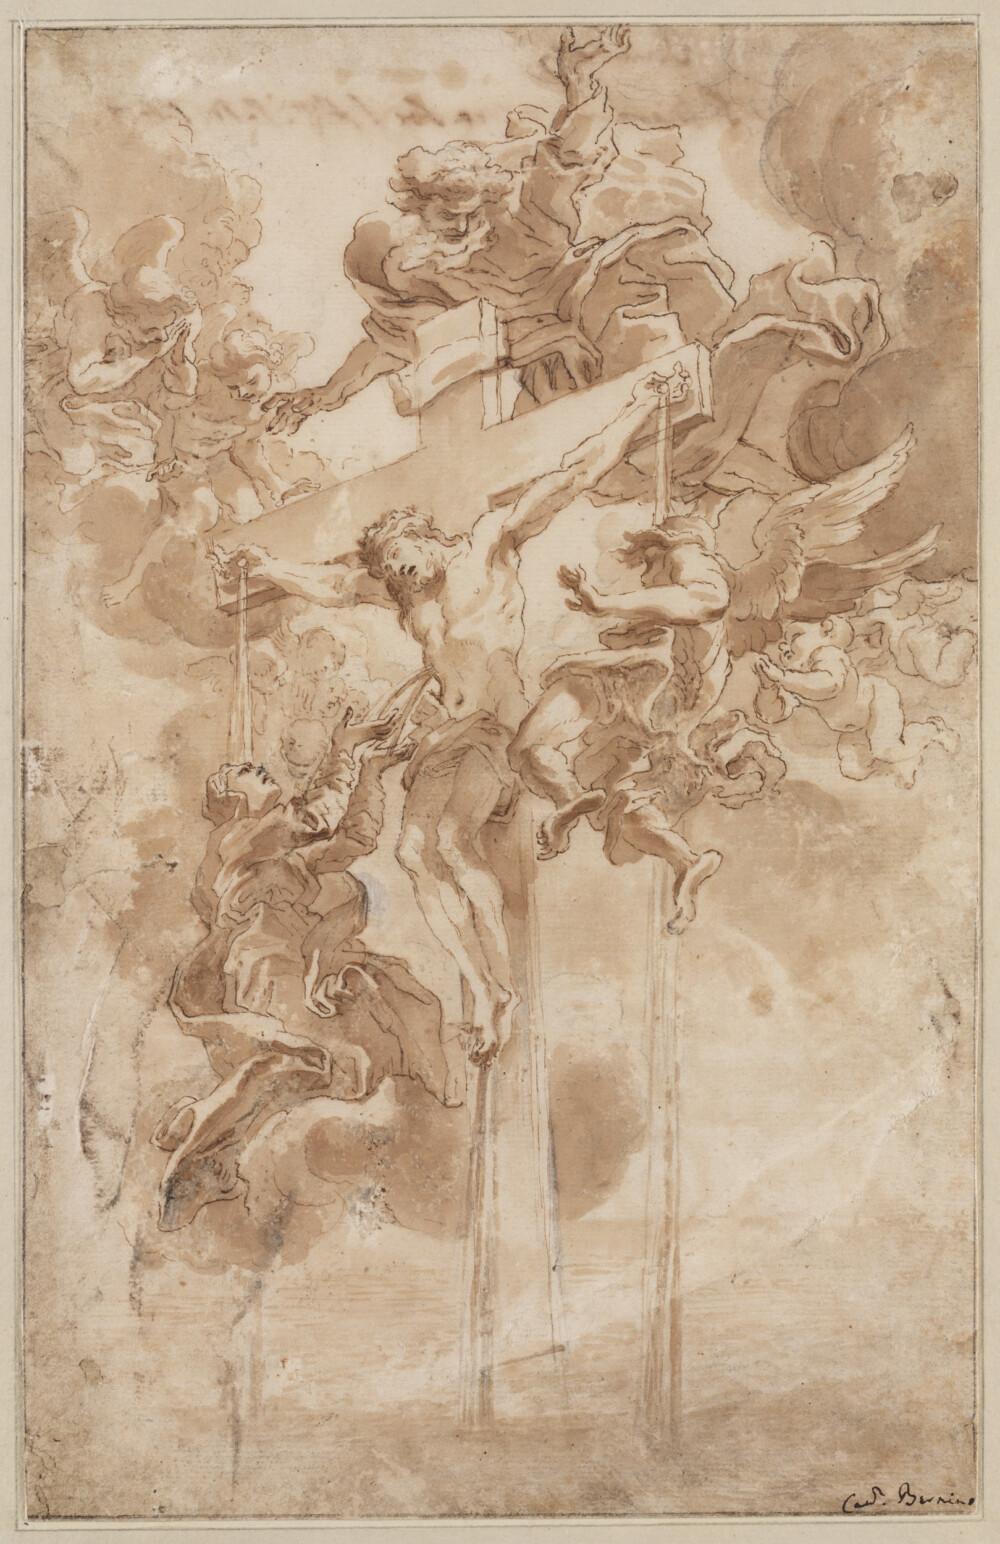 Allegorie op het Heilig Bloed van Christus - tekening van Bernini in Teylers Museum